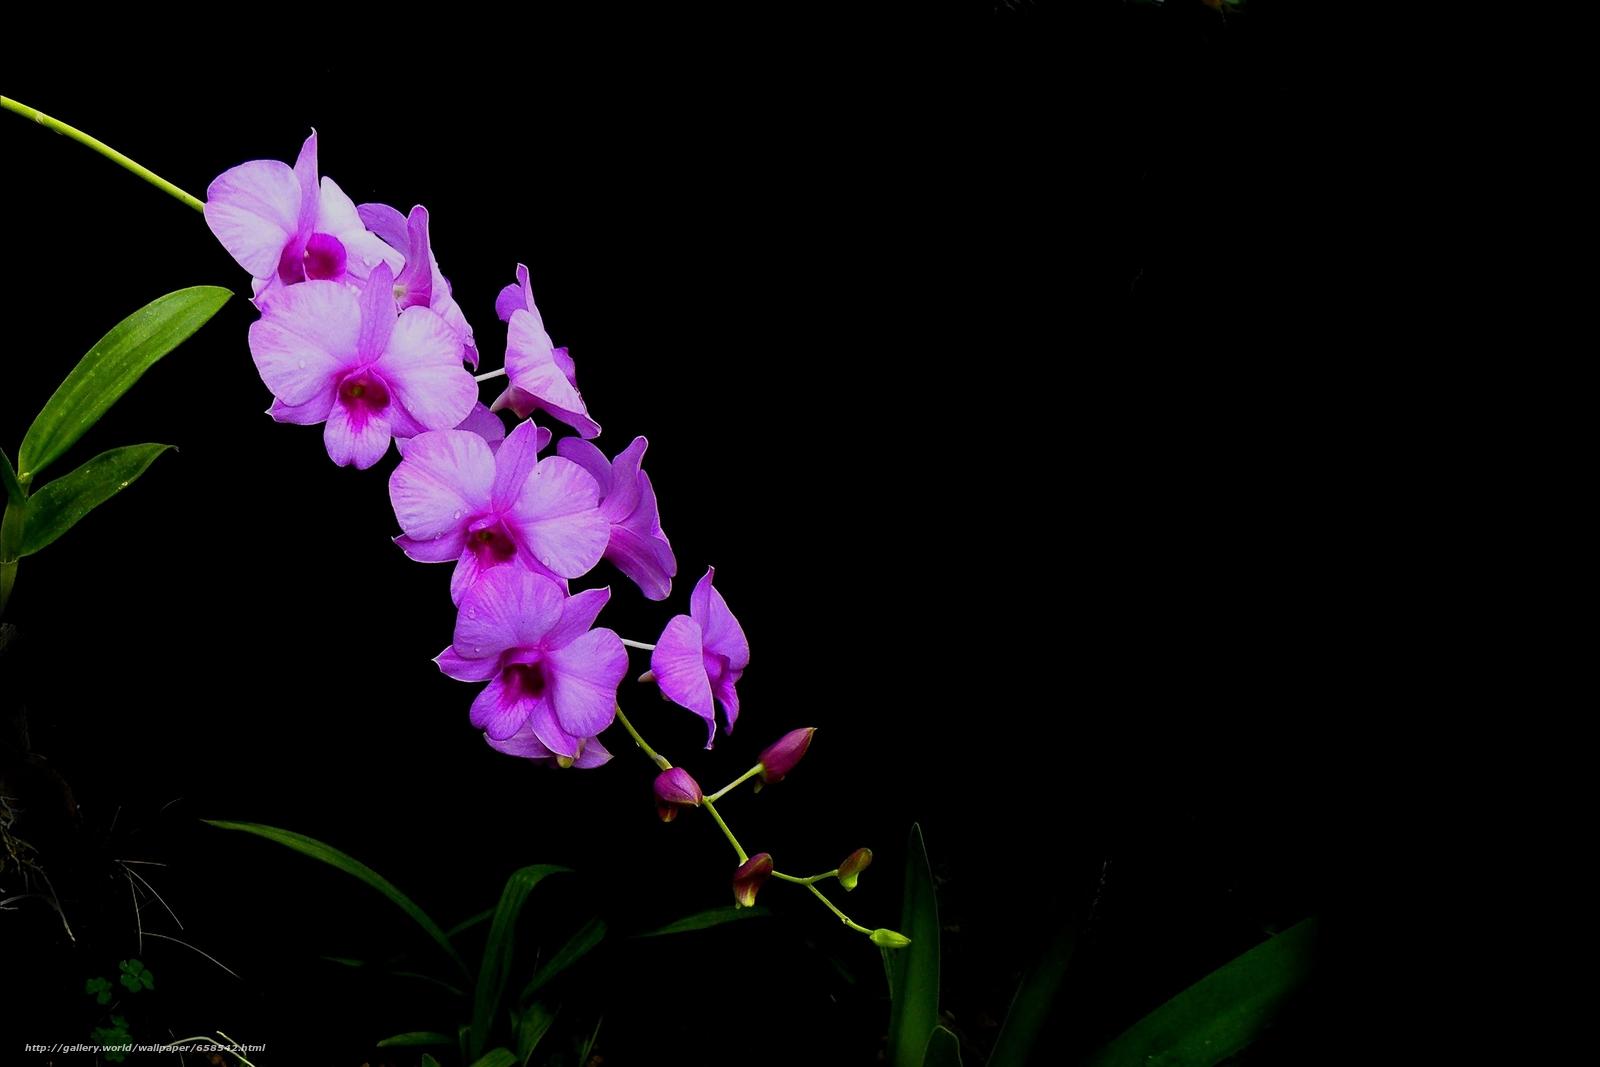 Скачать обои цветок,  цветы,  флора,  орхидея бесплатно для рабочего стола в разрешении 3172x2115 — картинка №658542